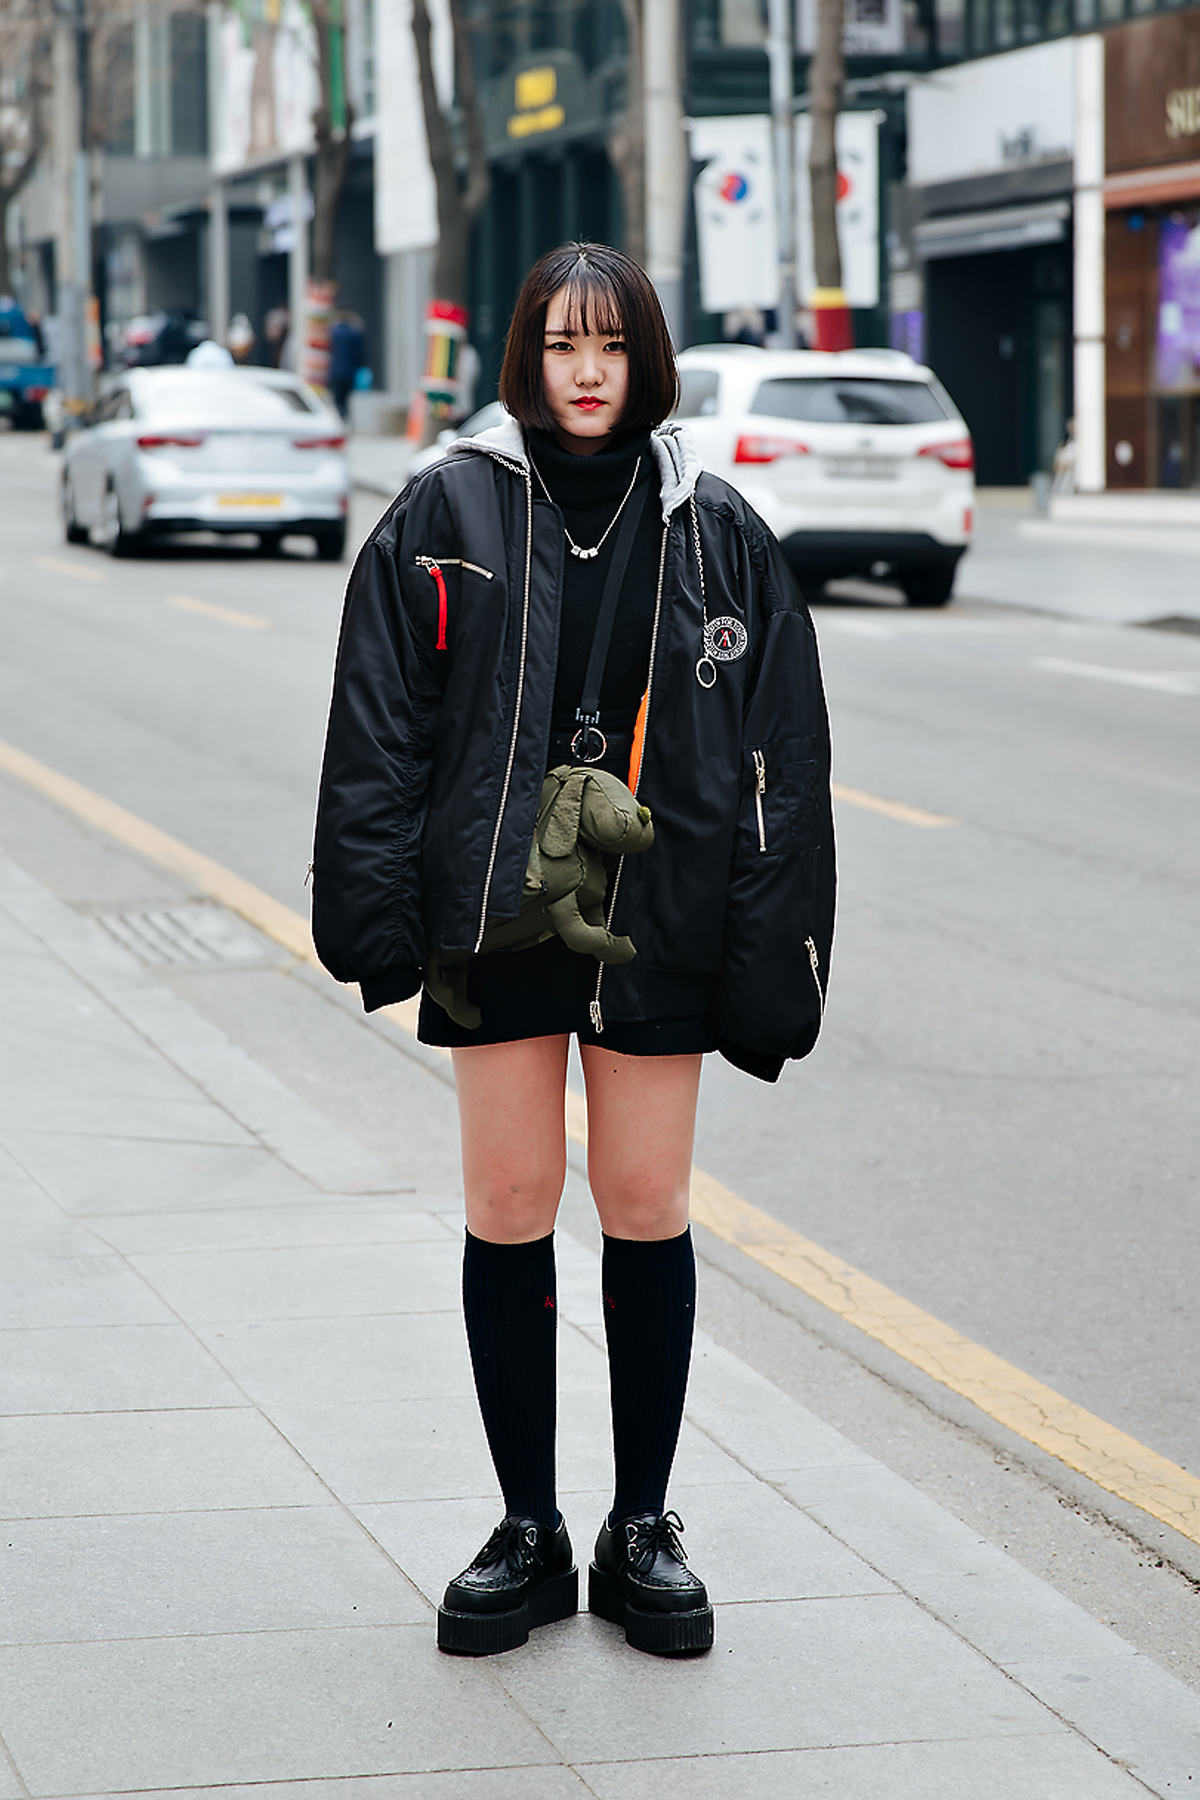 Otaki chihiro, Street style women winter 2017-2018 inseoul